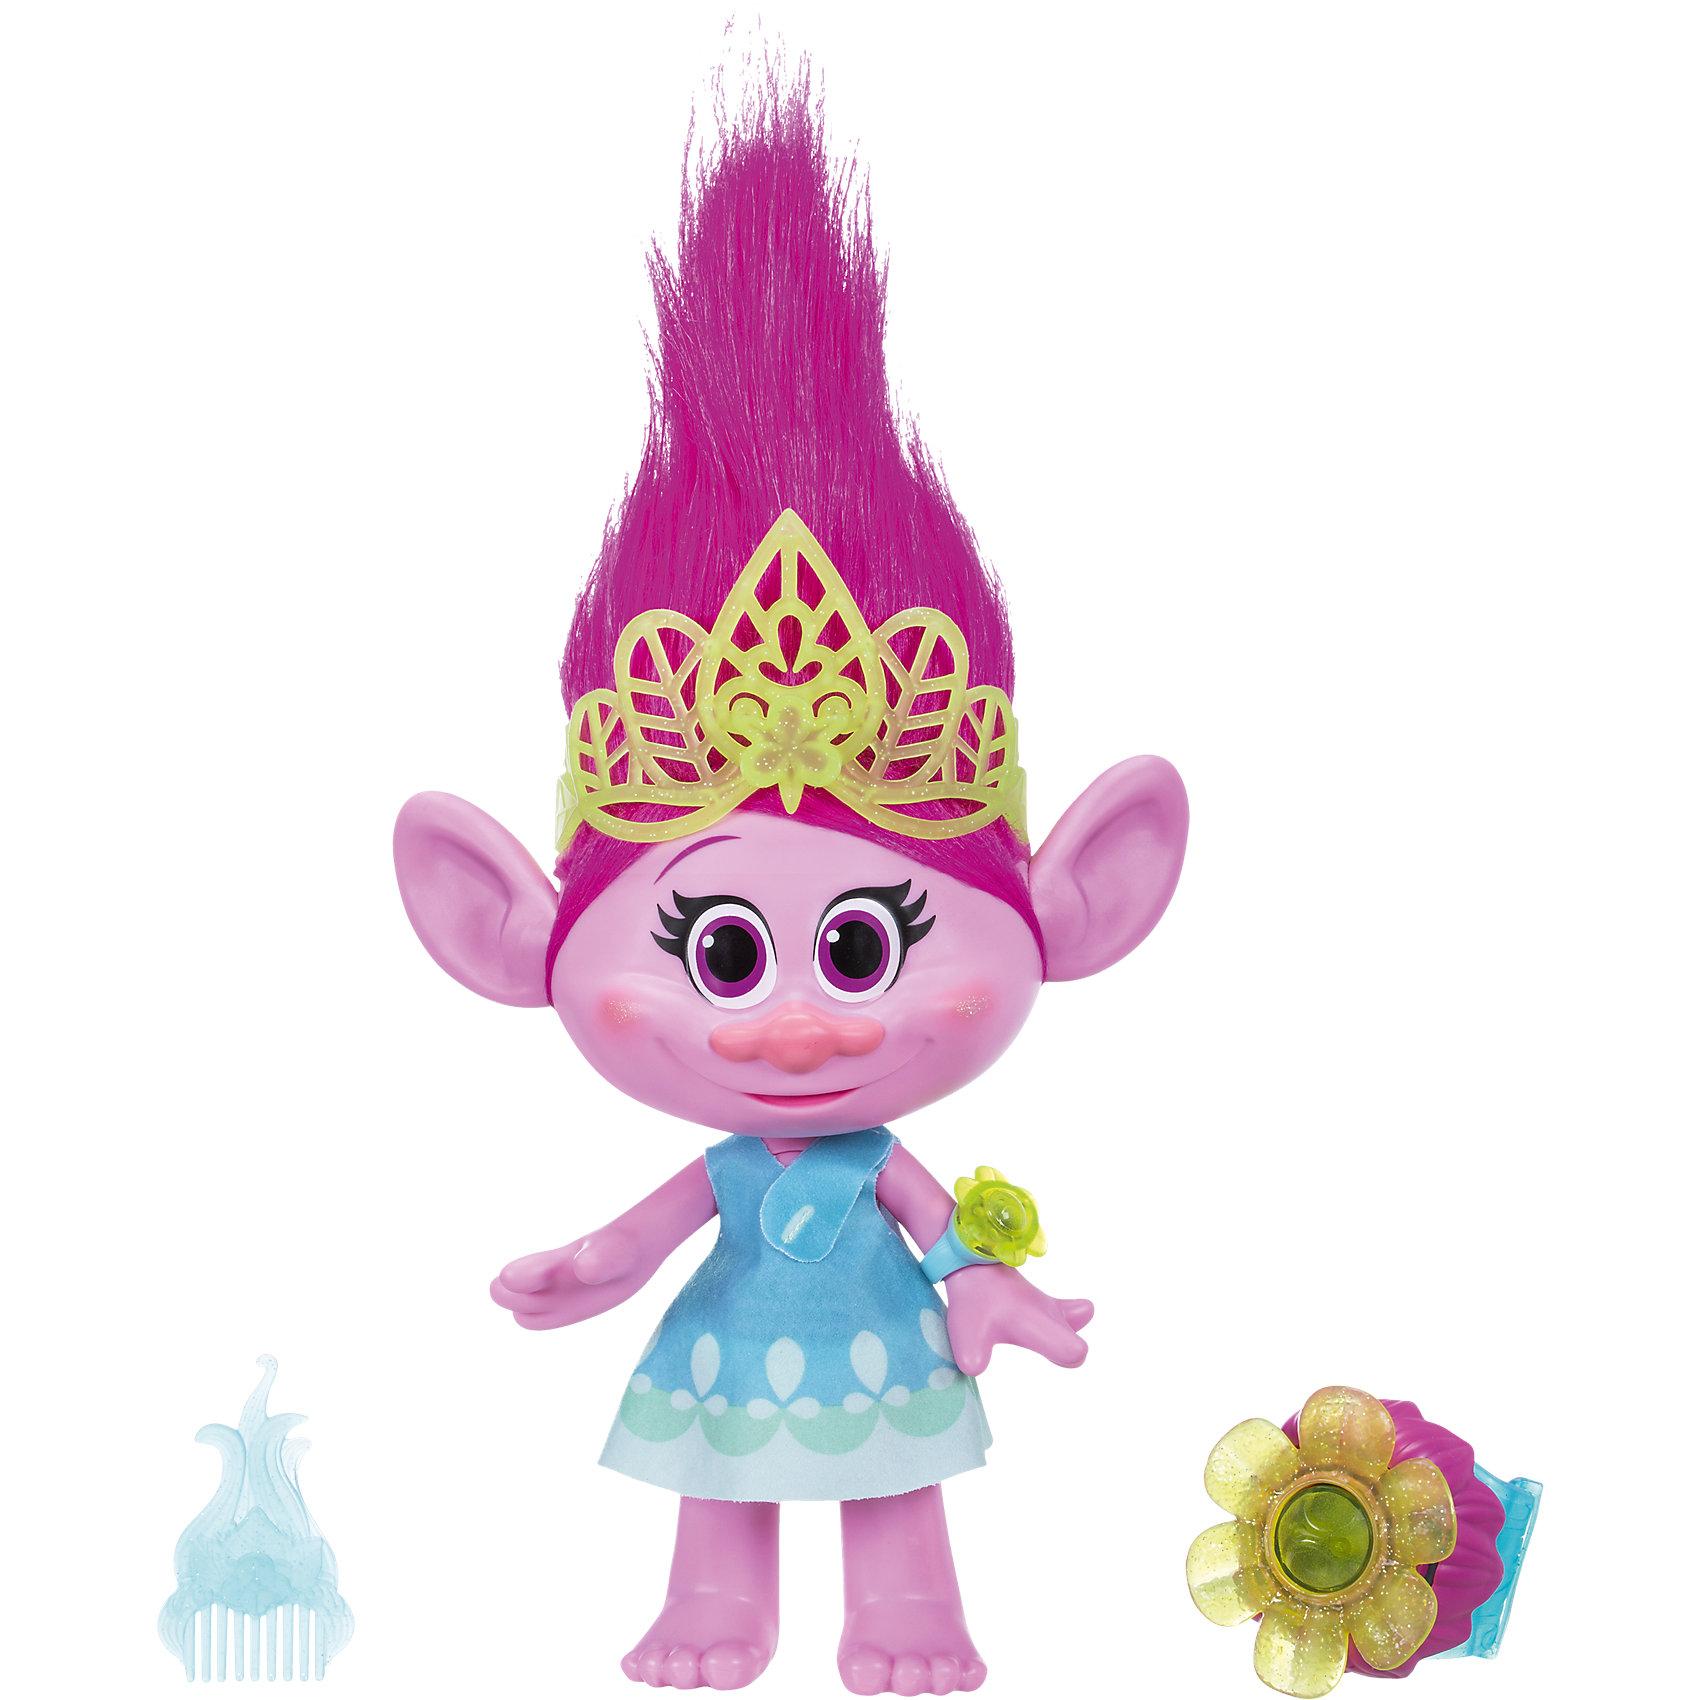 Поющая Поппи, ТроллиХарактеристики поющей Поппи:<br><br>- возраст: от 4 лет<br>- пол: для девочек<br>- цвет: розовый с голубым.<br>- комплект: интерактивная игрушка поппи (розочка), тиара, гребешок, браслет для девочки.<br>- наличие батареек: входят в комплект.<br>- батарейки для поппи (розочки):4 * AA / LR6 1.5V (пальчиковые).<br>- батарейки для браслета: 3 * A76 / LR44 1.5V (миниатюрные).<br>- материал : пластик, текстиль.<br>- размер упаковки: 30.5 * 13.5 * 38 см.<br>- размер игрушки: 35 см (высота вместе с волосами).<br>- упаковка: картонная коробка блистерного типа.<br>- страна обладатель бренда: США.<br><br>Интерактивная игрушка Поющая Поппи (Розочка) торговой <br>марки Hasbro (Хасбо) притшла к нам с большого экрана, где состоялась долгожданная премьера мультфильма Тролли / Trolls 2016 года от студии DreamWorks! (Дримвокс).<br>Высота фигурки составляет 35 см (с учетом волос), она может произносить 25 фраз, а также проигрывать оригинальную музыку из анимационного фильма Тролли. Стоит только потянуть Поппи за ручки, как зазвучат забавные мелодии, а розовая шевелюра будет эффектно подсвечена красивым светом! Вместе интерактивной Поющей Розочкой Trolls входят и аксессуары, с помощью которых можно придать образу этой розовой модницы полностью завершенный и стильный вид. Традиционным гребешком, входящим в набор, можно не только расчесать роскошные волосы Розочки, но и без труда соорудить на голове милой героини замысловатую прическу. Приятным сюрпризом для всех девочек станет самый настоящий браслет, точь-в-точь такой же, как на ручке у игрушечной Поппи! Модный браслетик в стиле Trolls можно носить на руке <br>и это далеко не просто безделушка, а своего рода средство связи с Розочкой! Путем нажатия кнопки на браслете активируются световые и звуковые эффекты: лампочки на обоих браслетах, у игрушки и девочки, начинают светиться и мигать в такт, да еще и под прекрасное музыкальное сопровождение<br><br>Поющую Поппи можно купить в нашем интернет-магазине<br><br>Ширина мм